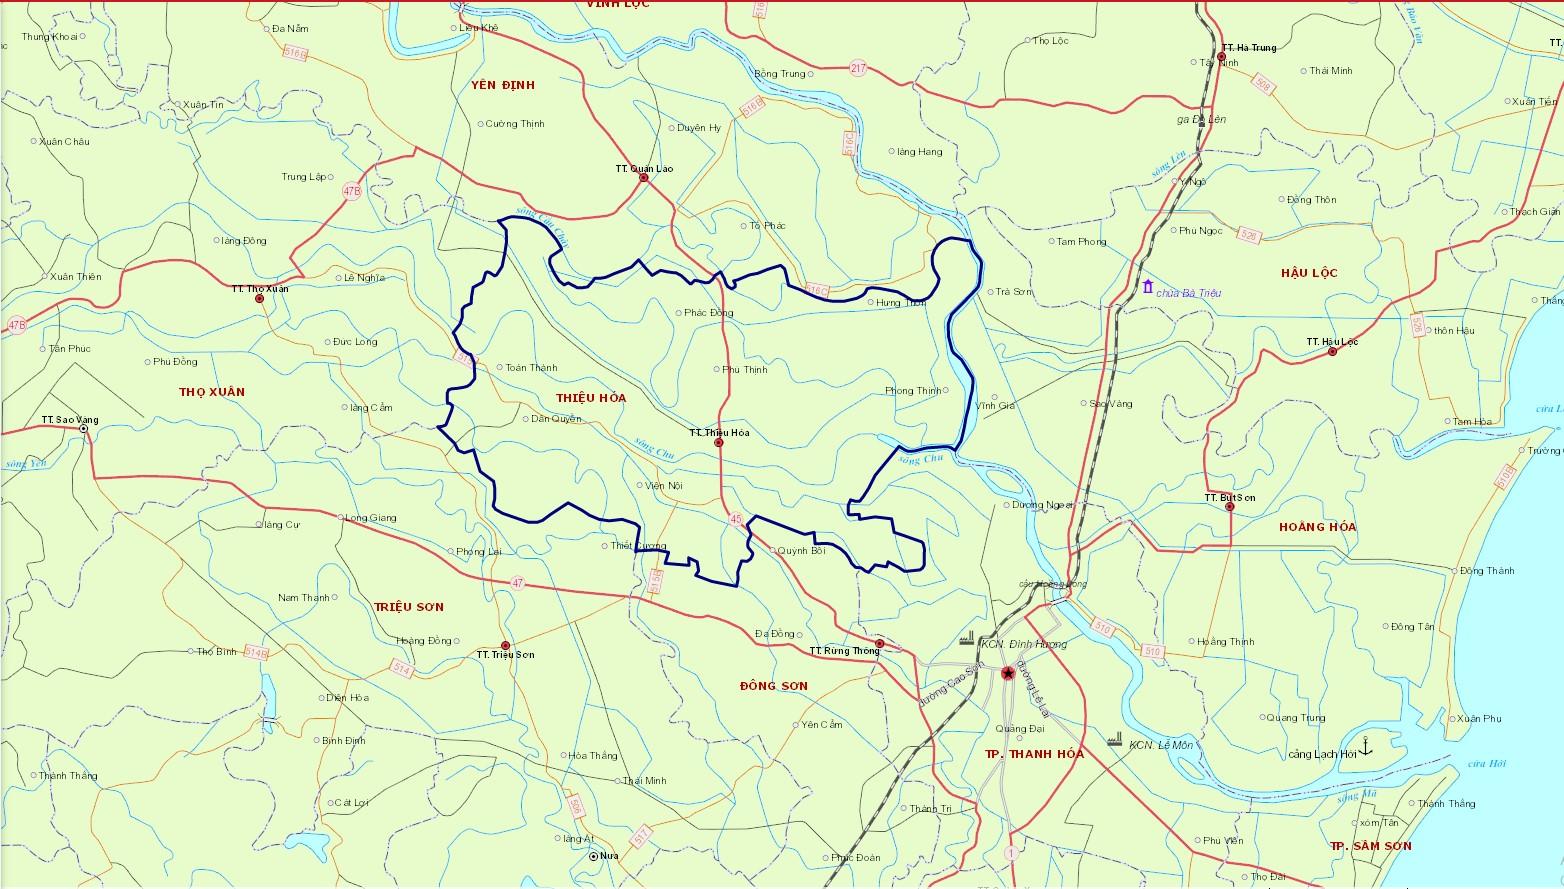 Bản đồ hành chính huyện Thiệu Hóa